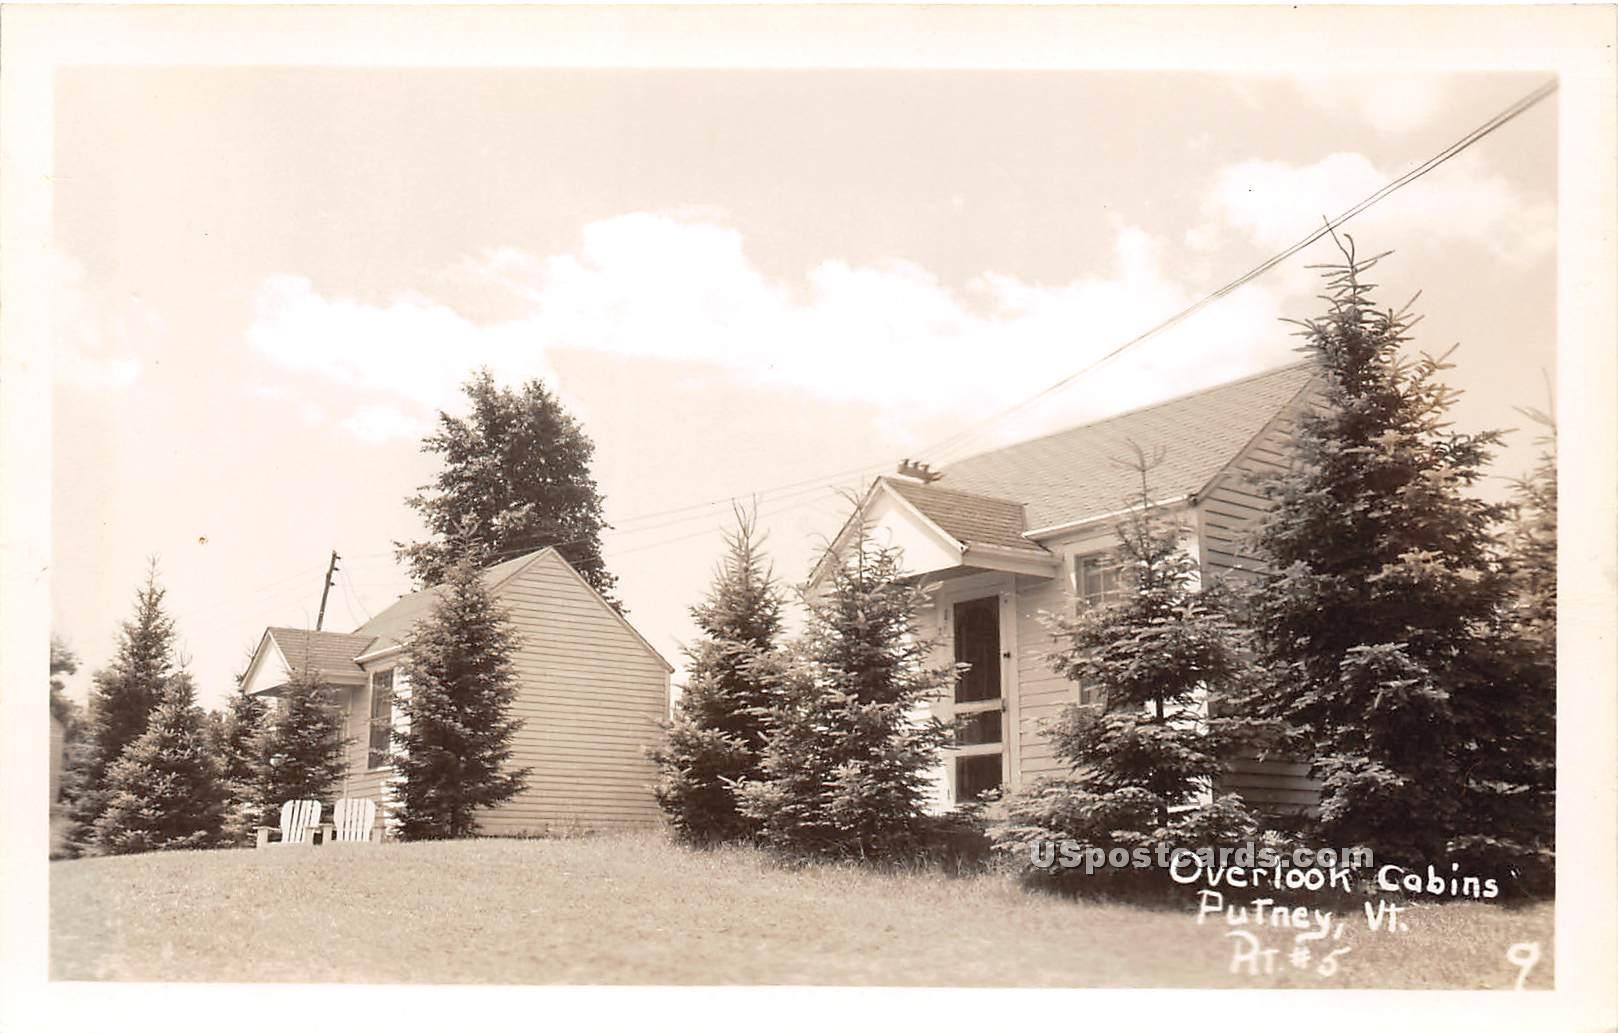 Overlook Cabins - Putney, Vermont VT Postcard